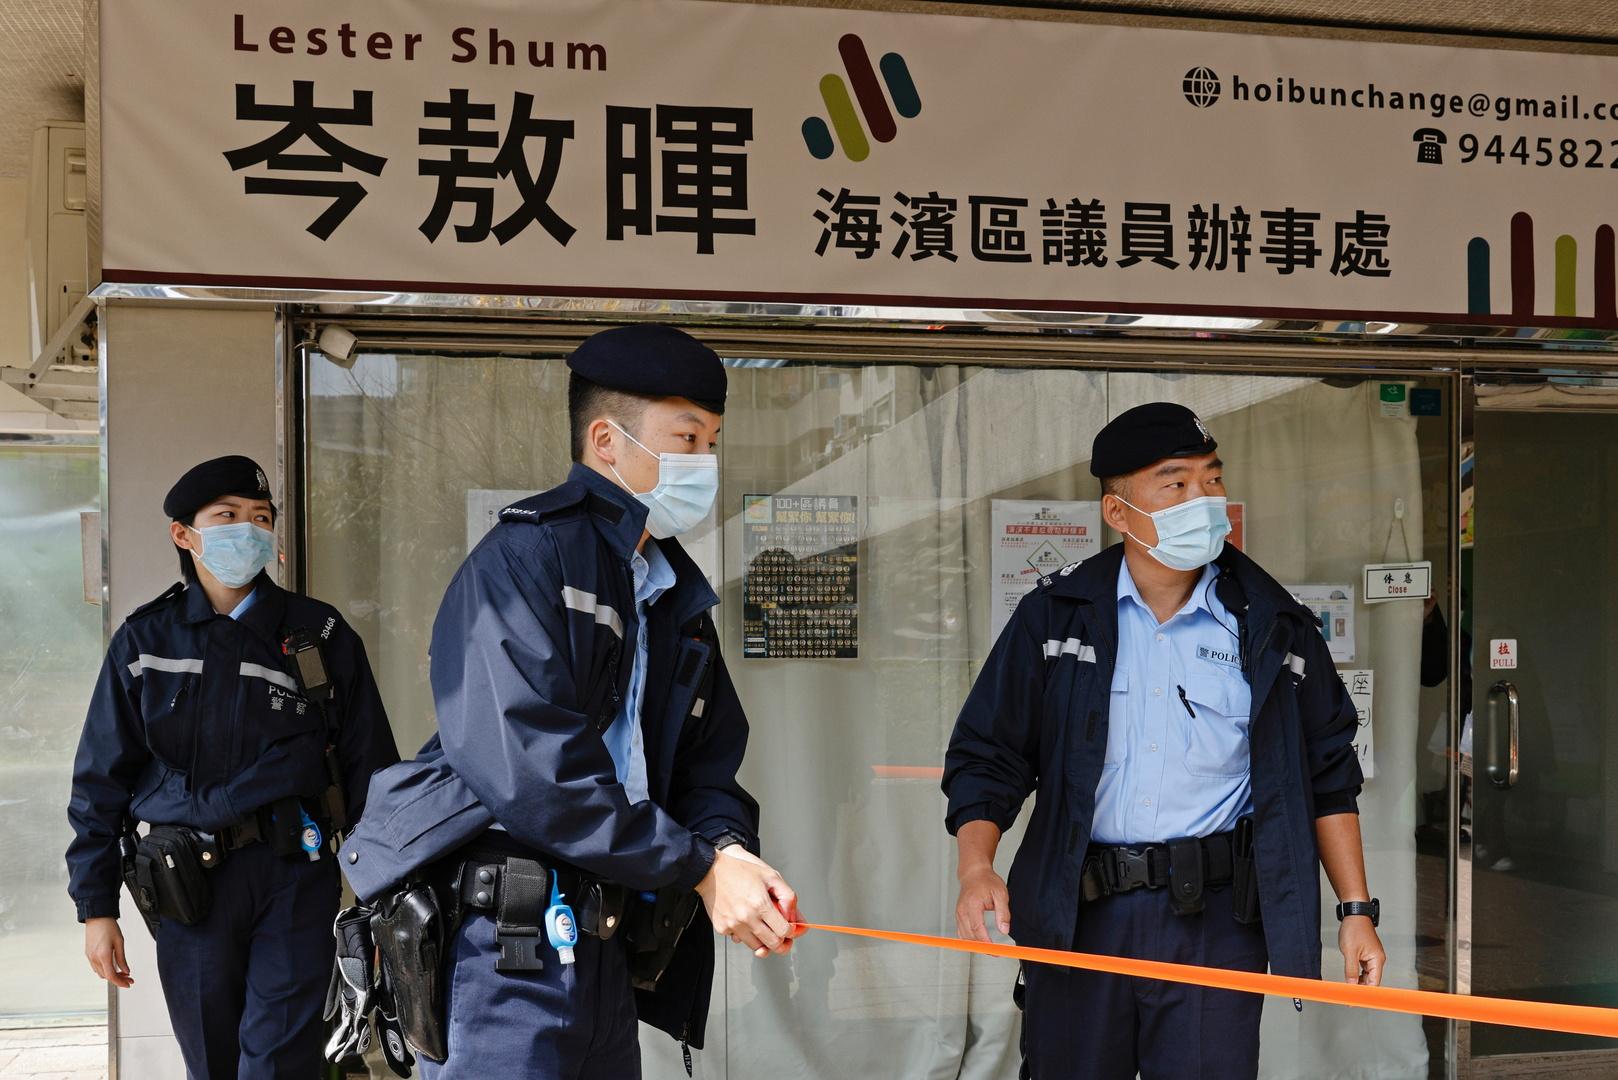 تايوان تعرب عن صدمتها من حملة اعتقال المعارضين في هونغ كونغ